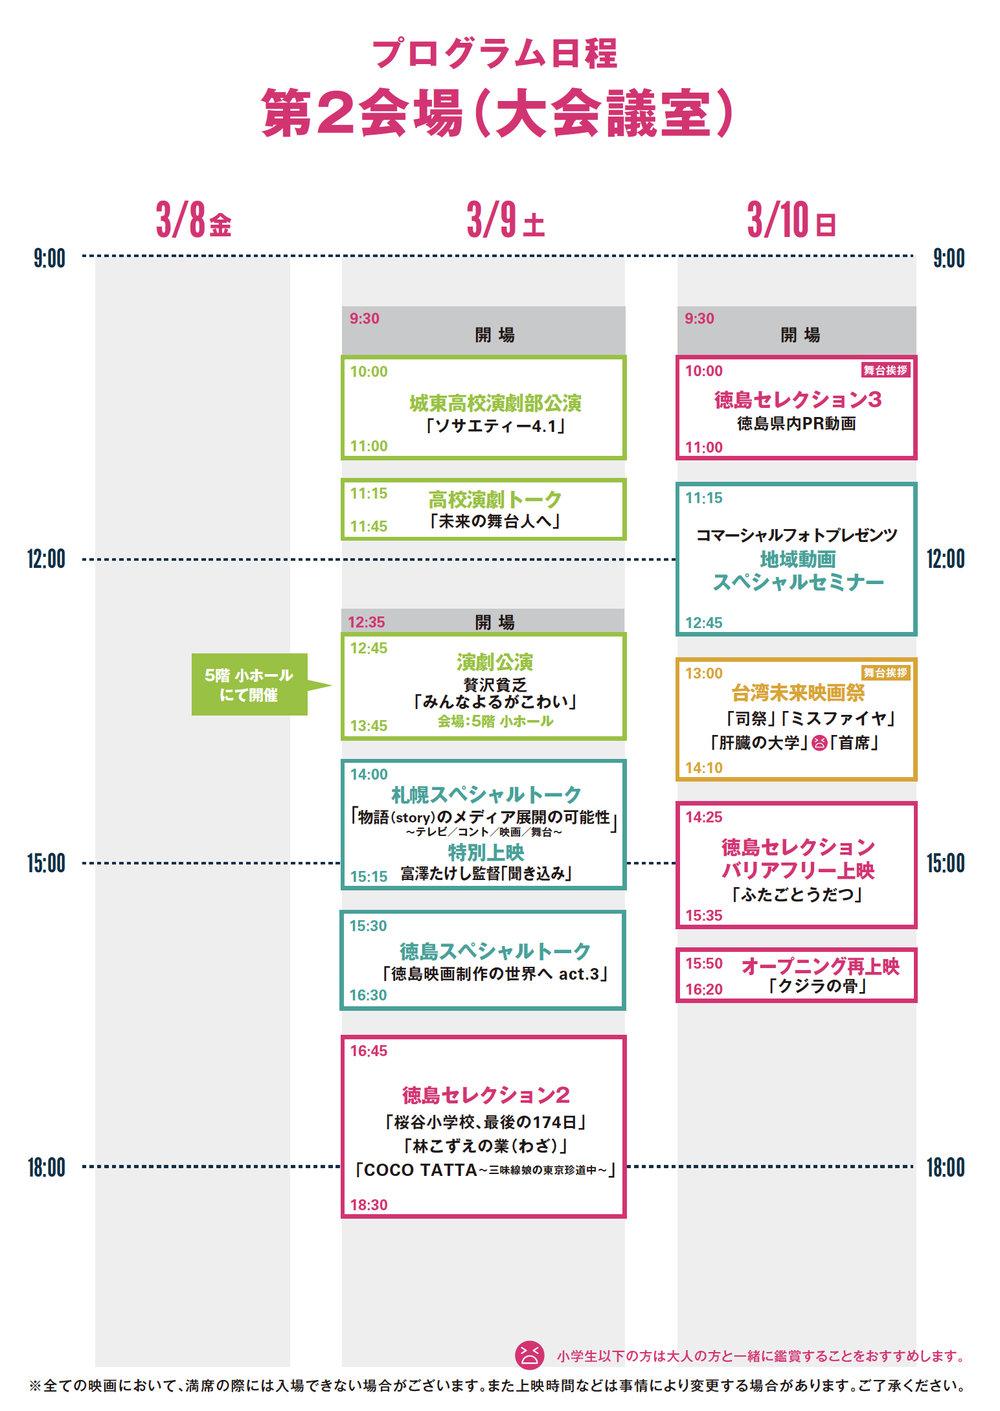 schedule002.jpg